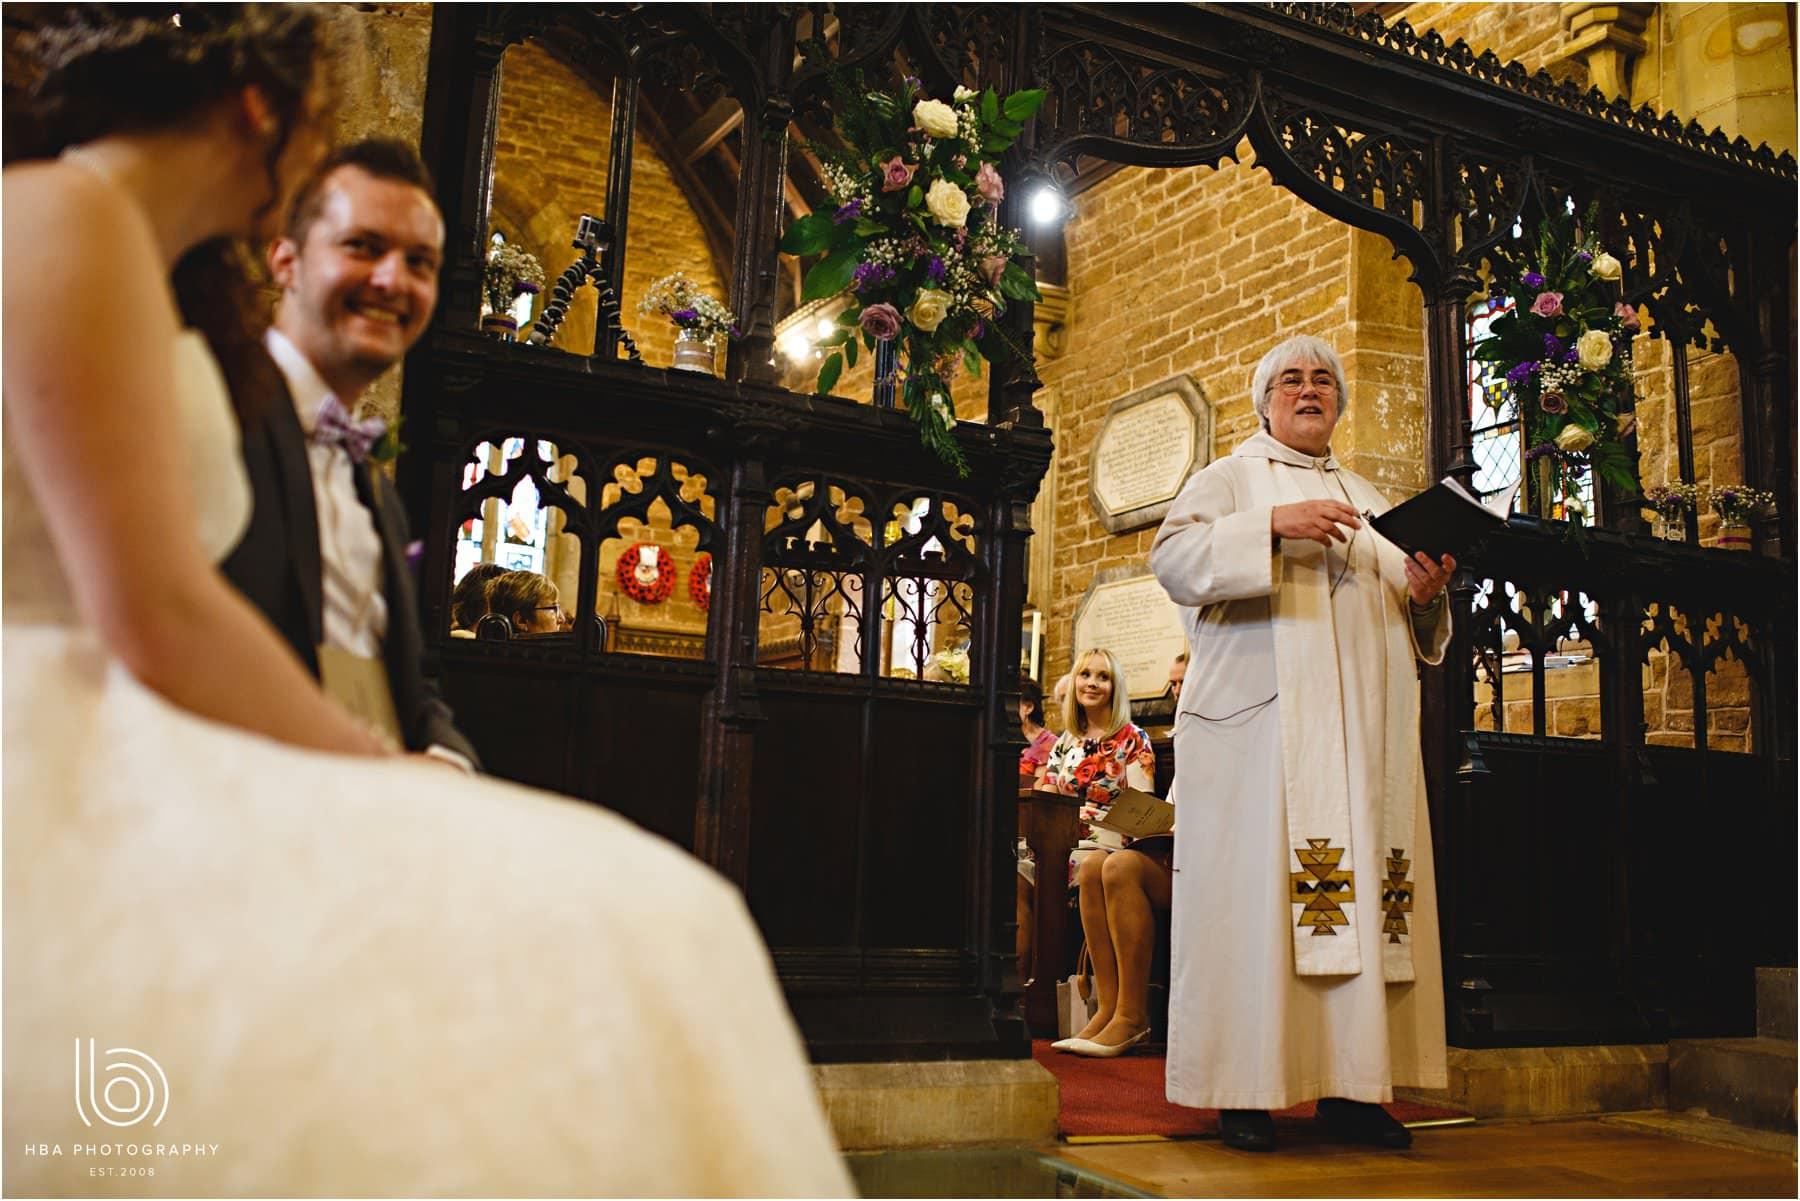 the vicar giving her sermon